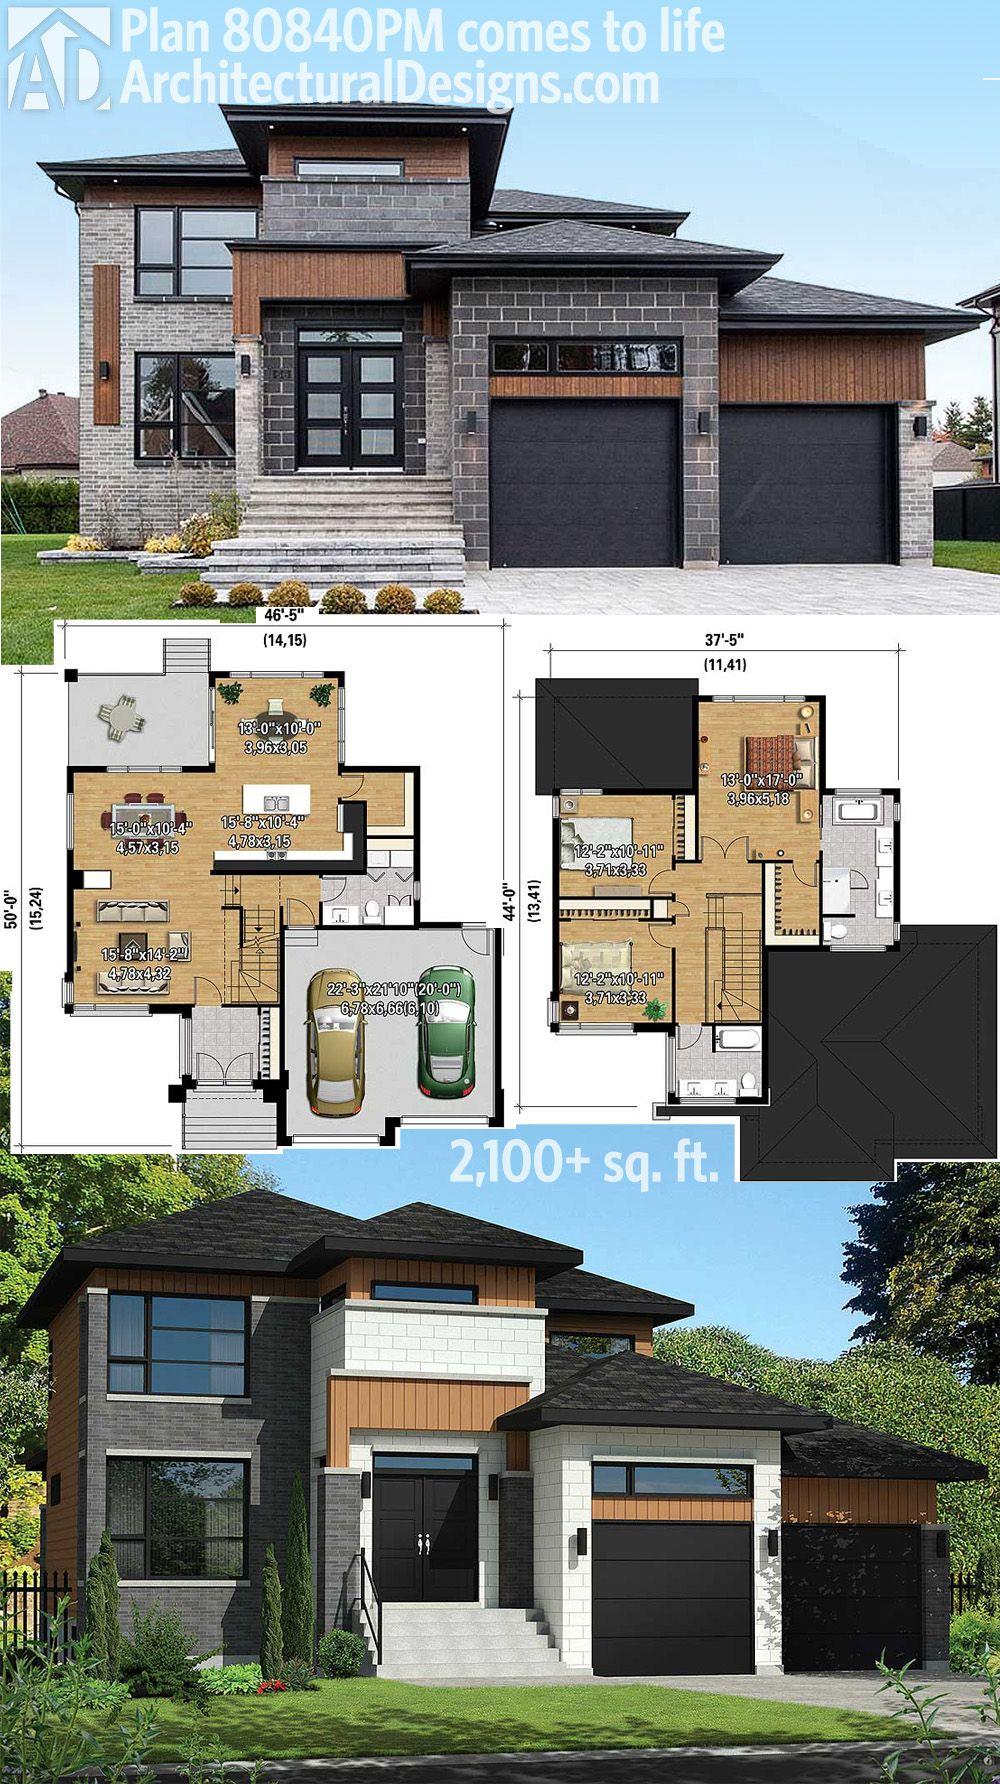 Best Kitchen Gallery: Plan 80840pm Multi Level Modern House Plan Modern House Plans of Modern Home Plan Designs  on rachelxblog.com